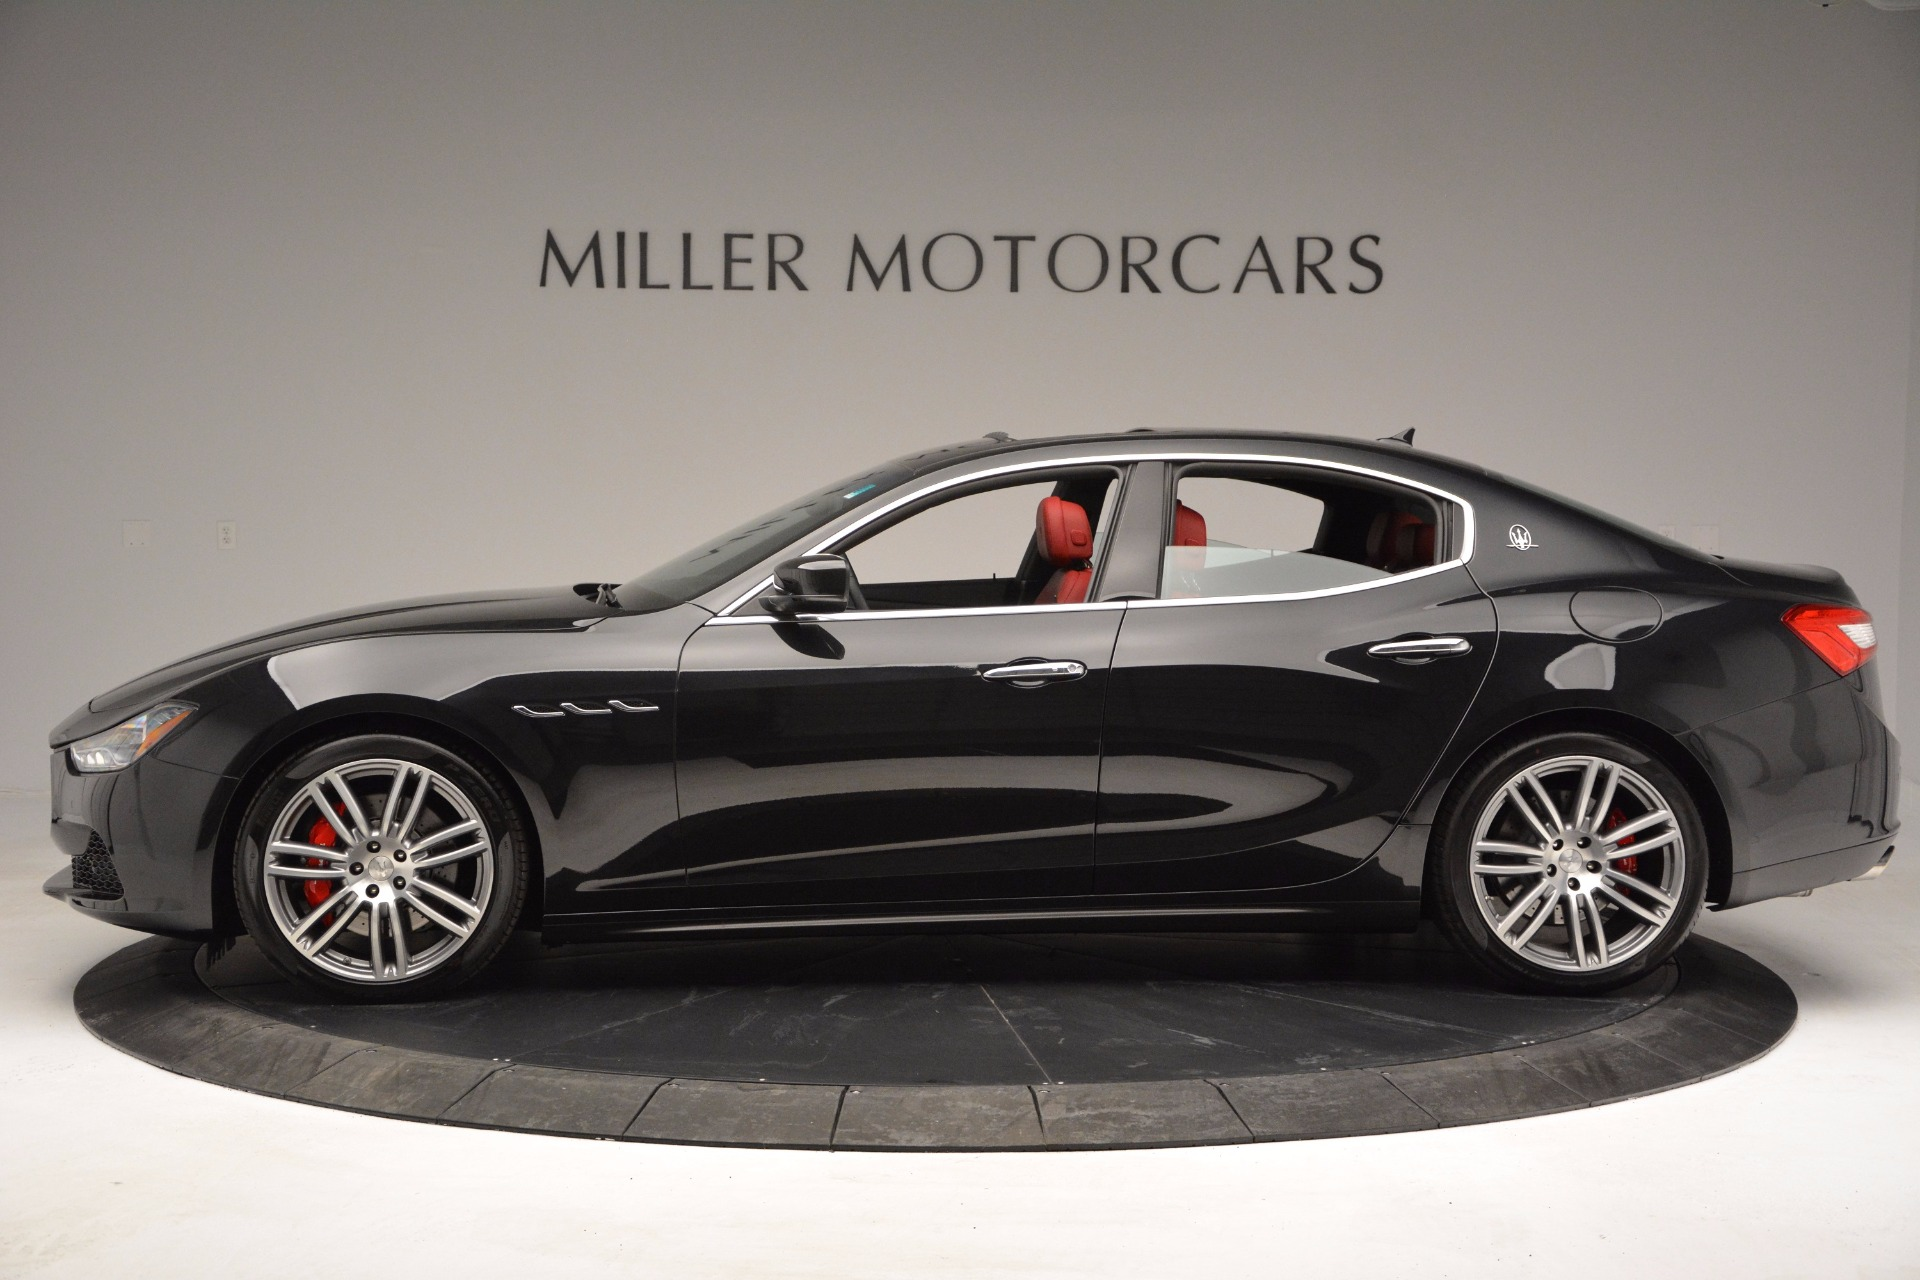 New 2017 Maserati Ghibli SQ4 For Sale In Greenwich, CT 1086_p4